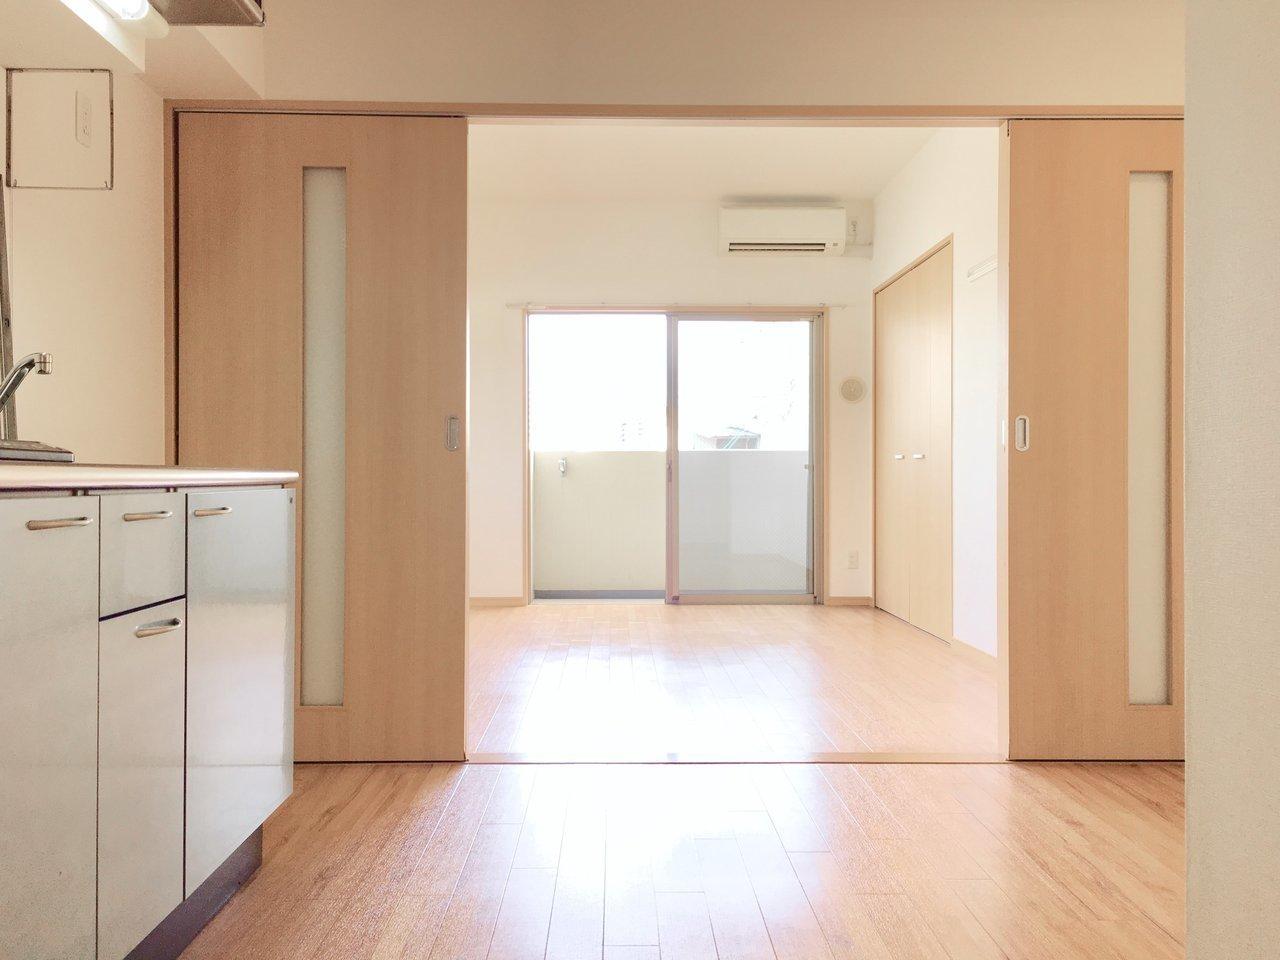 DK部分も6畳超えで広々。ダイニングテーブルを置いて、食事兼仕事をするスペースにしてもいいですね。